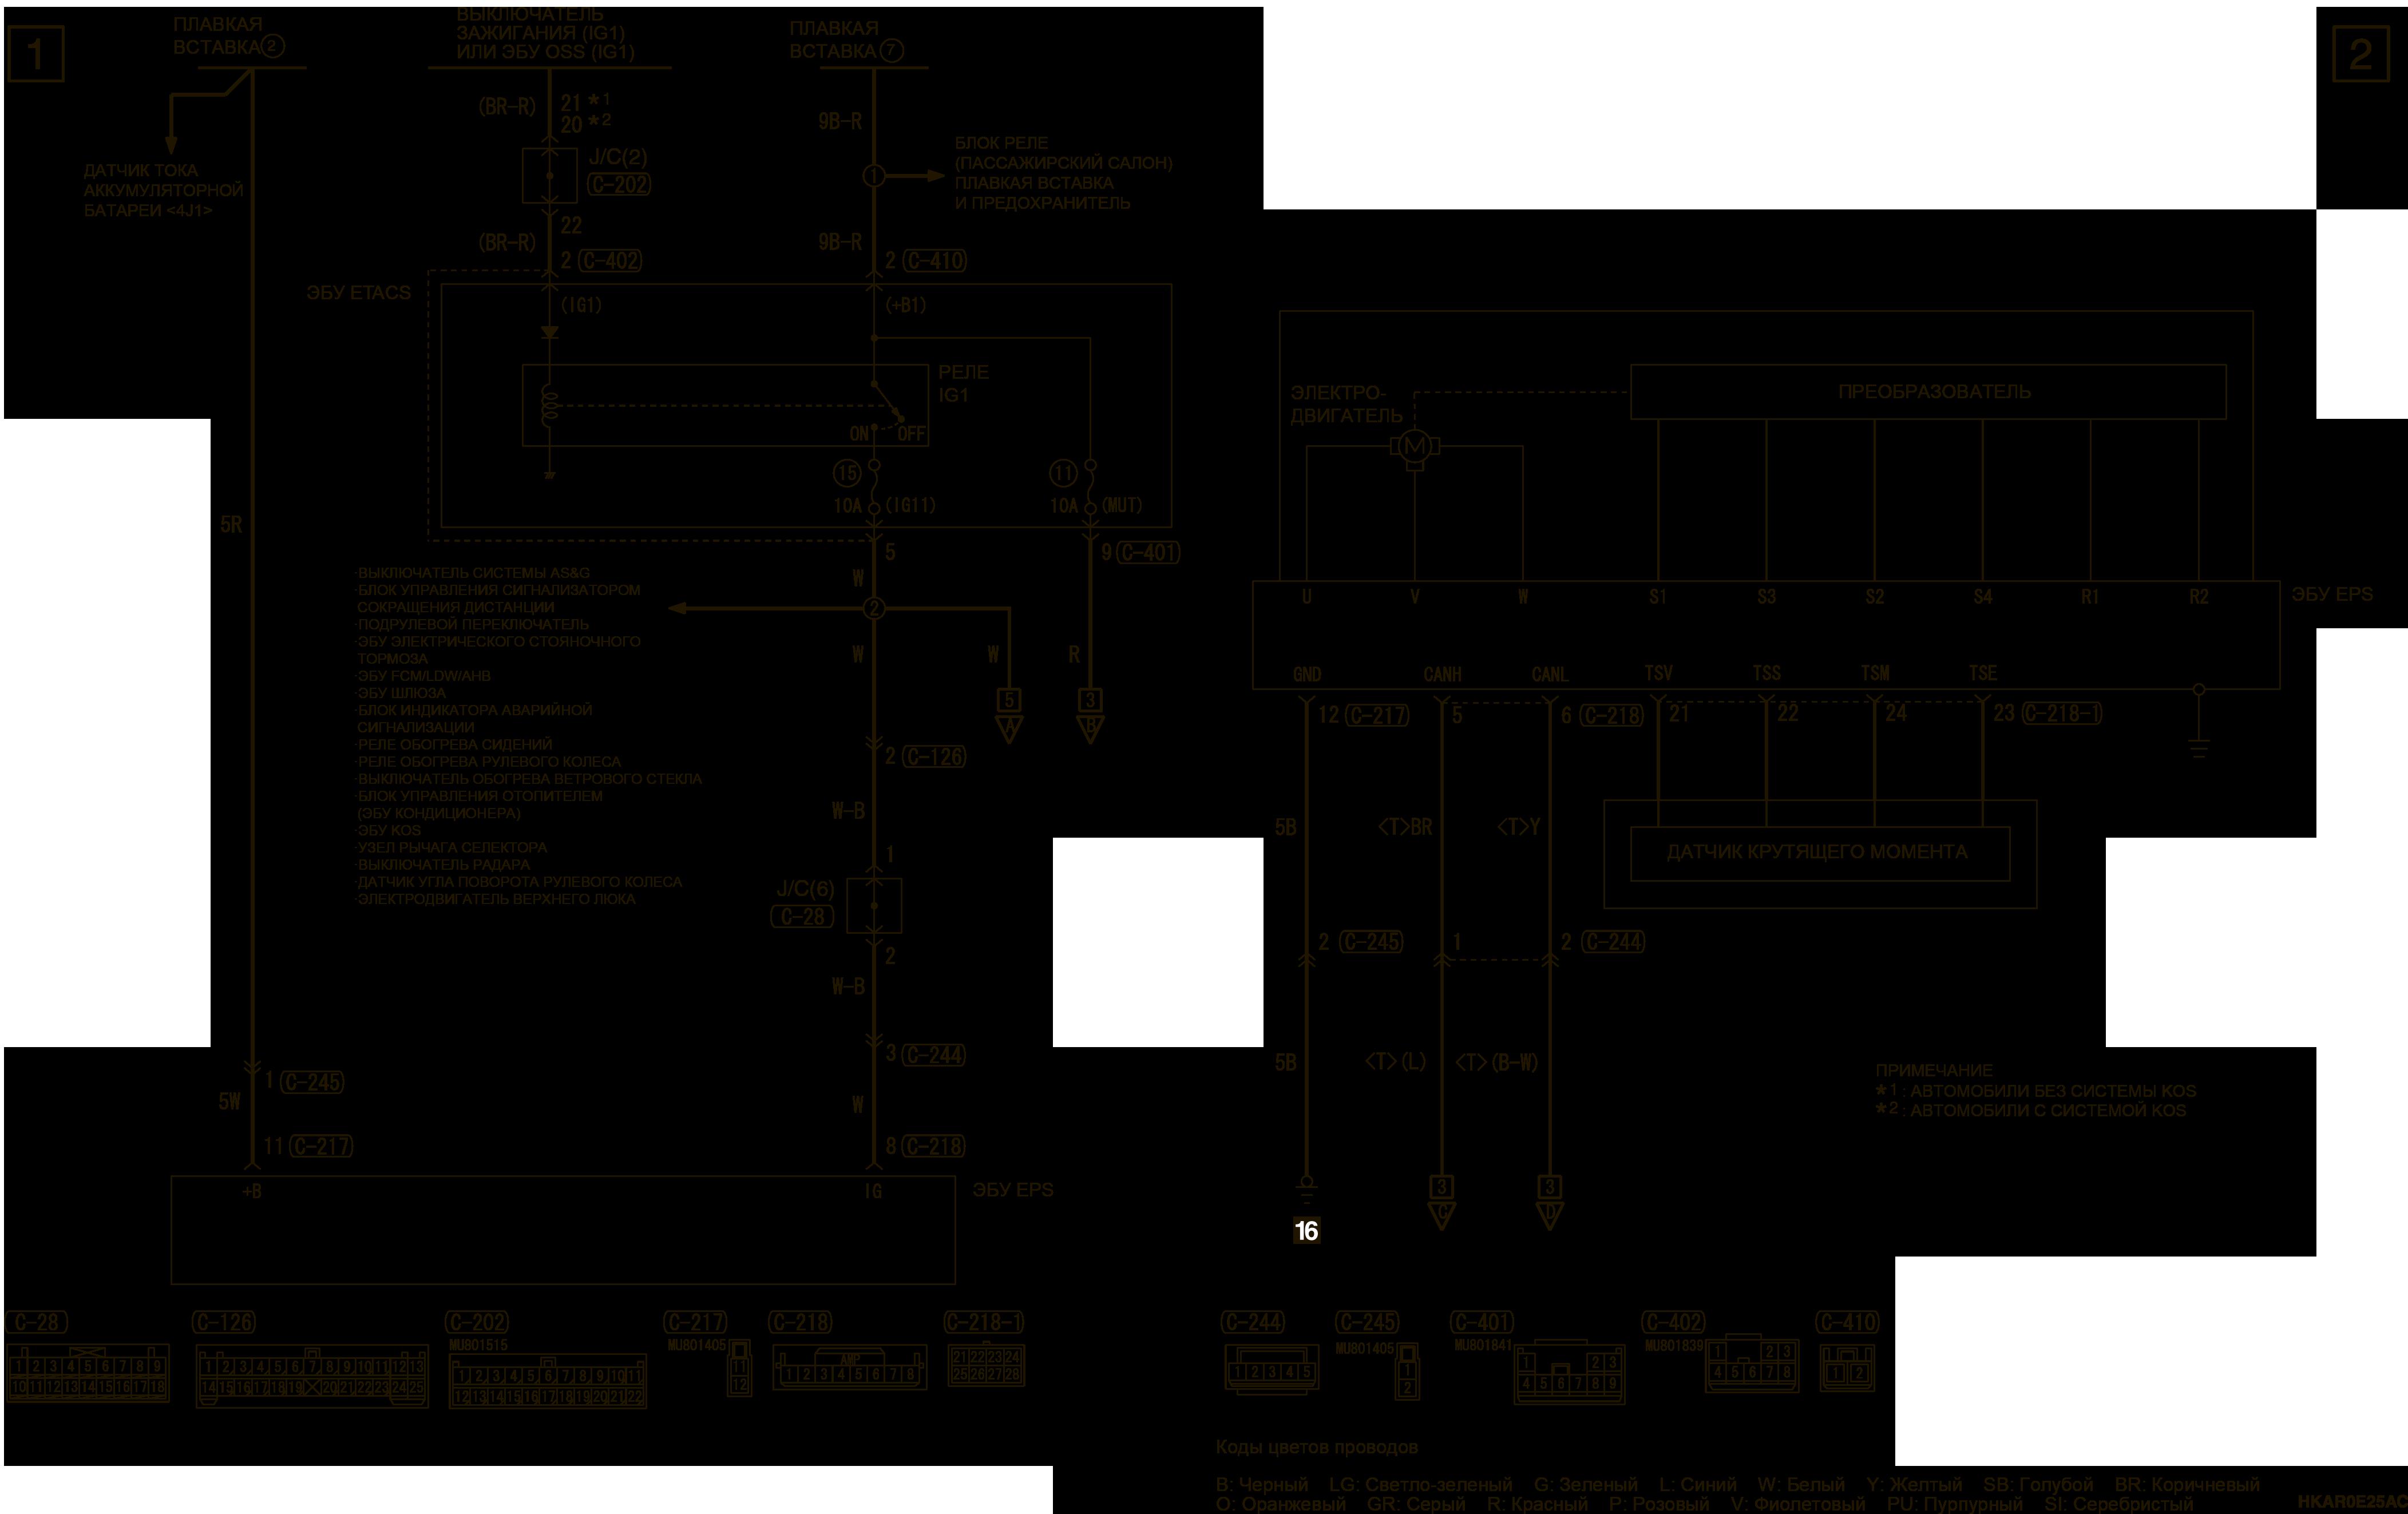 mmc аутлендер 3 2019 электросхемаЭЛЕКТРИЧЕСКИЙ РУЛЕВОЙ УСИЛИТЕЛЬ ЛЕВАЯ СТОРОНА